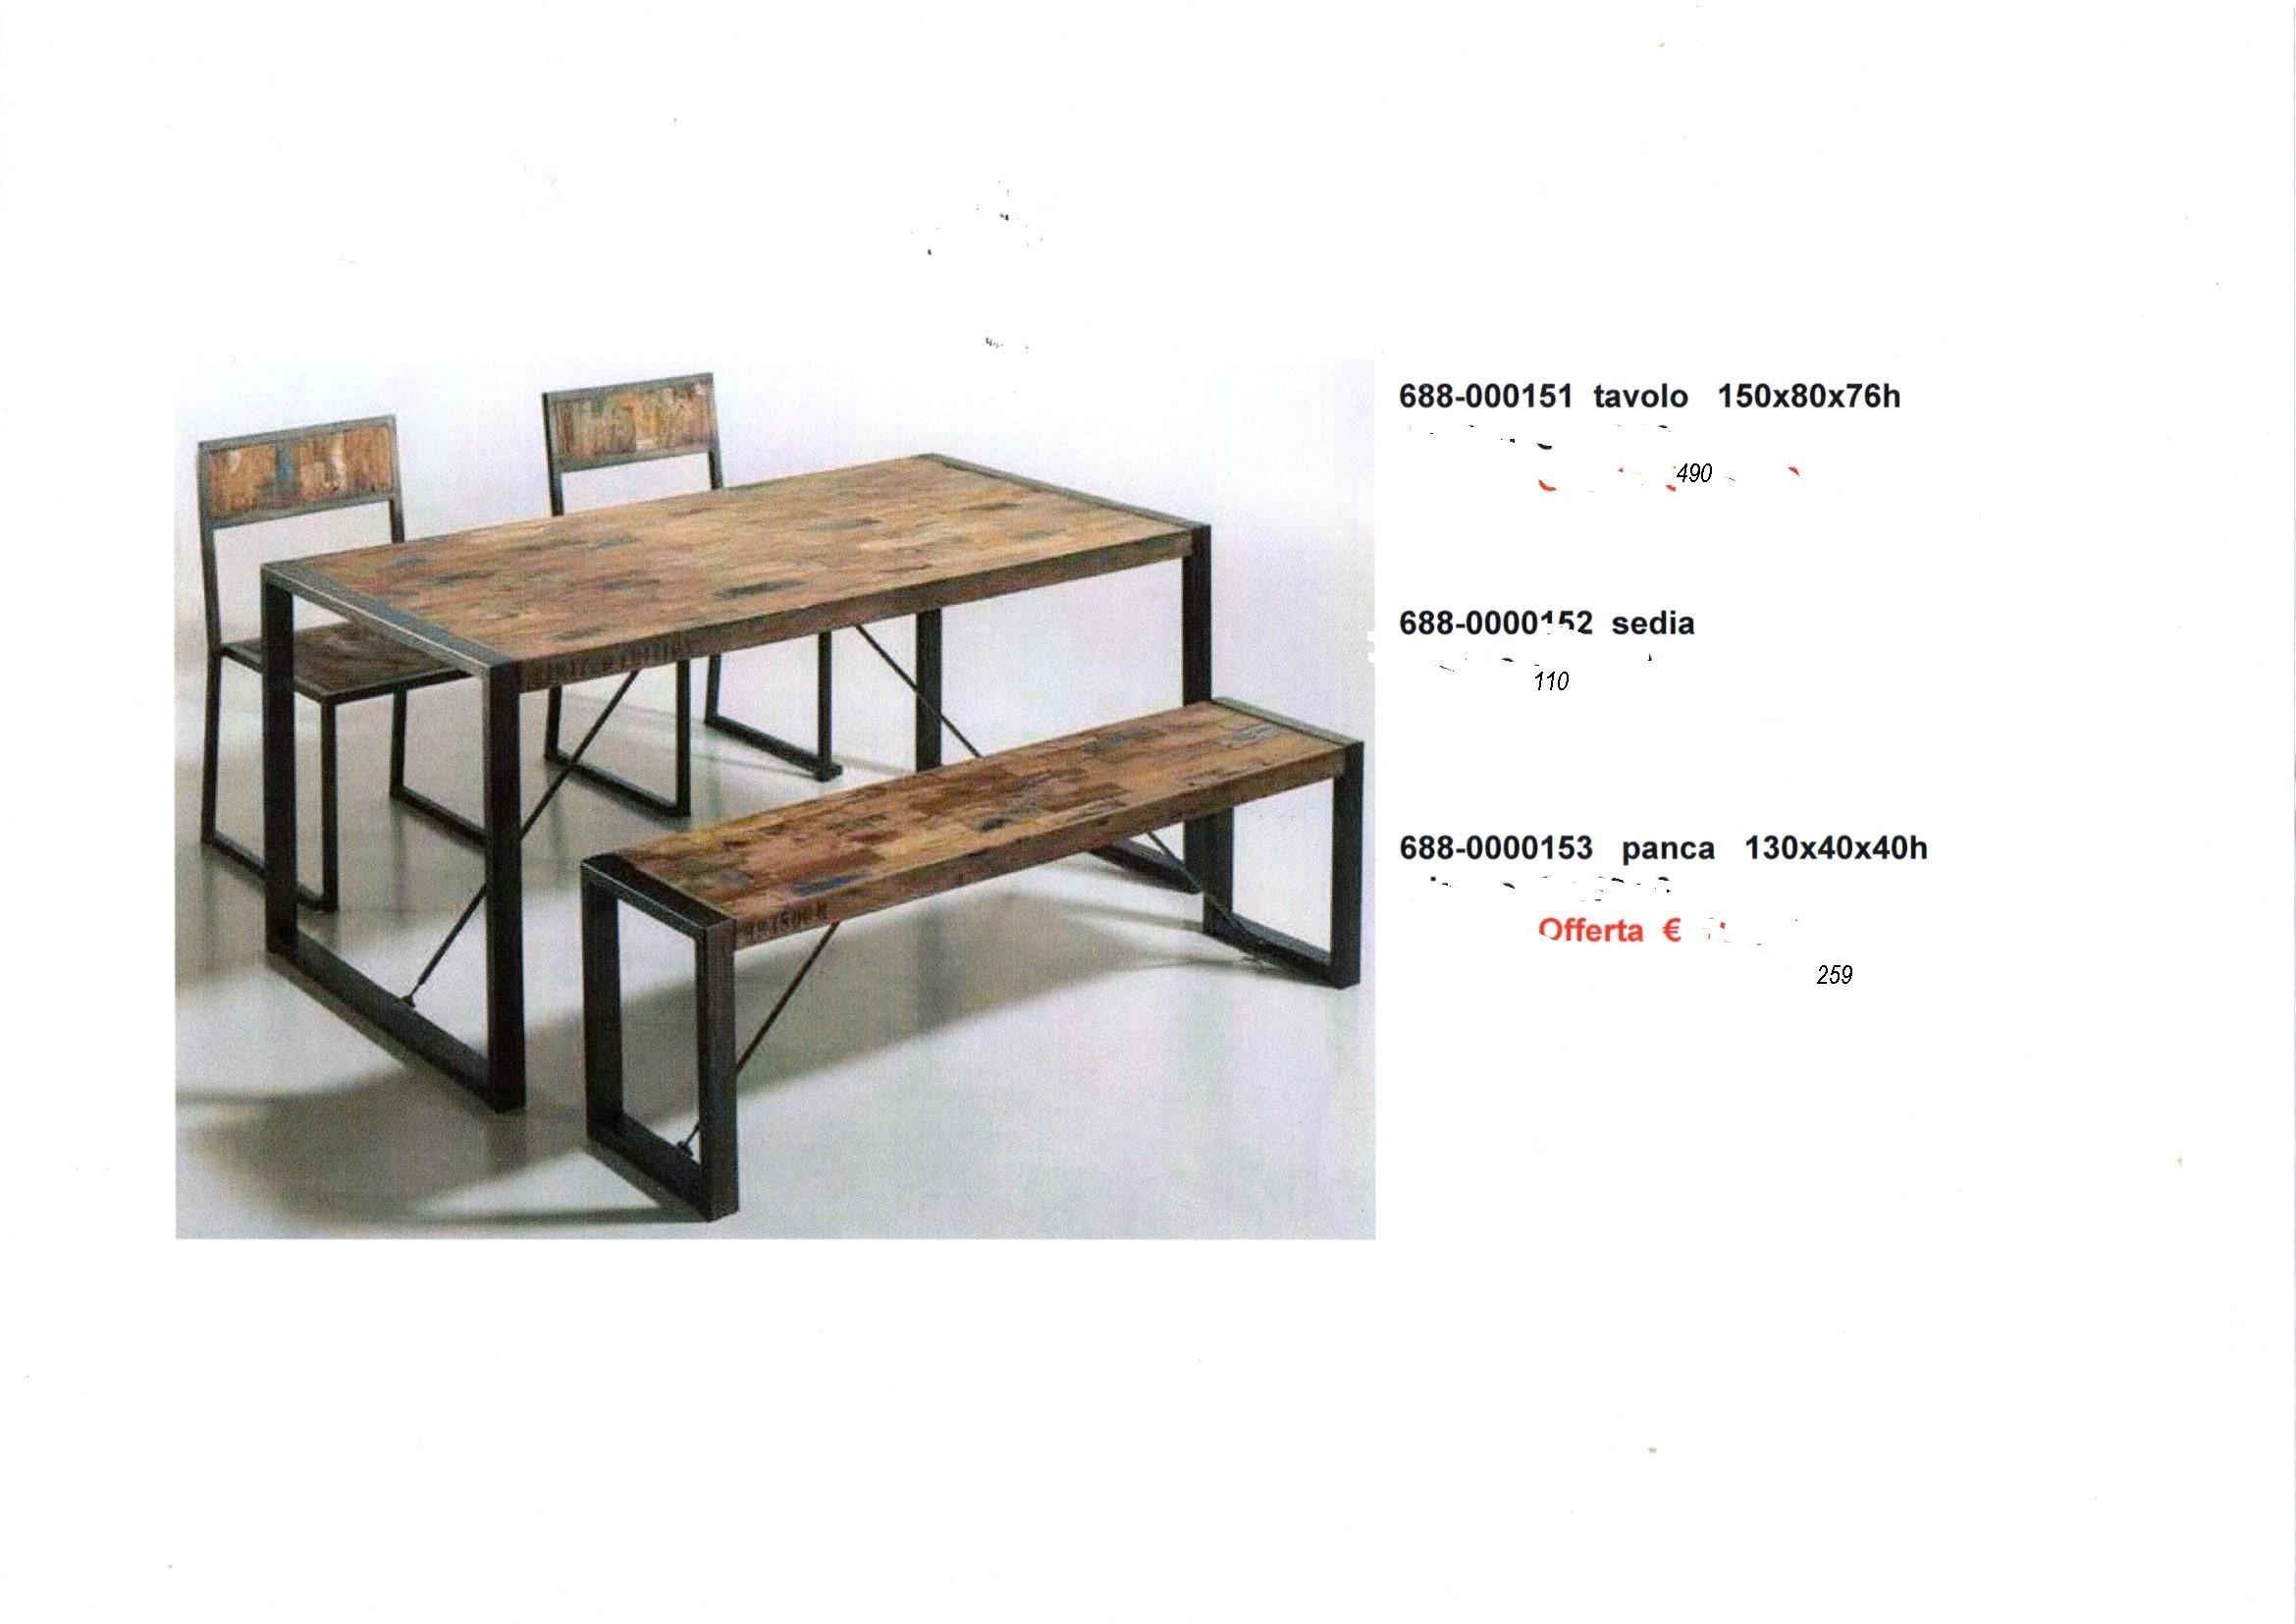 Panca tavolo sedie industriale complementi a prezzi scontati for Tavolo stile industriale